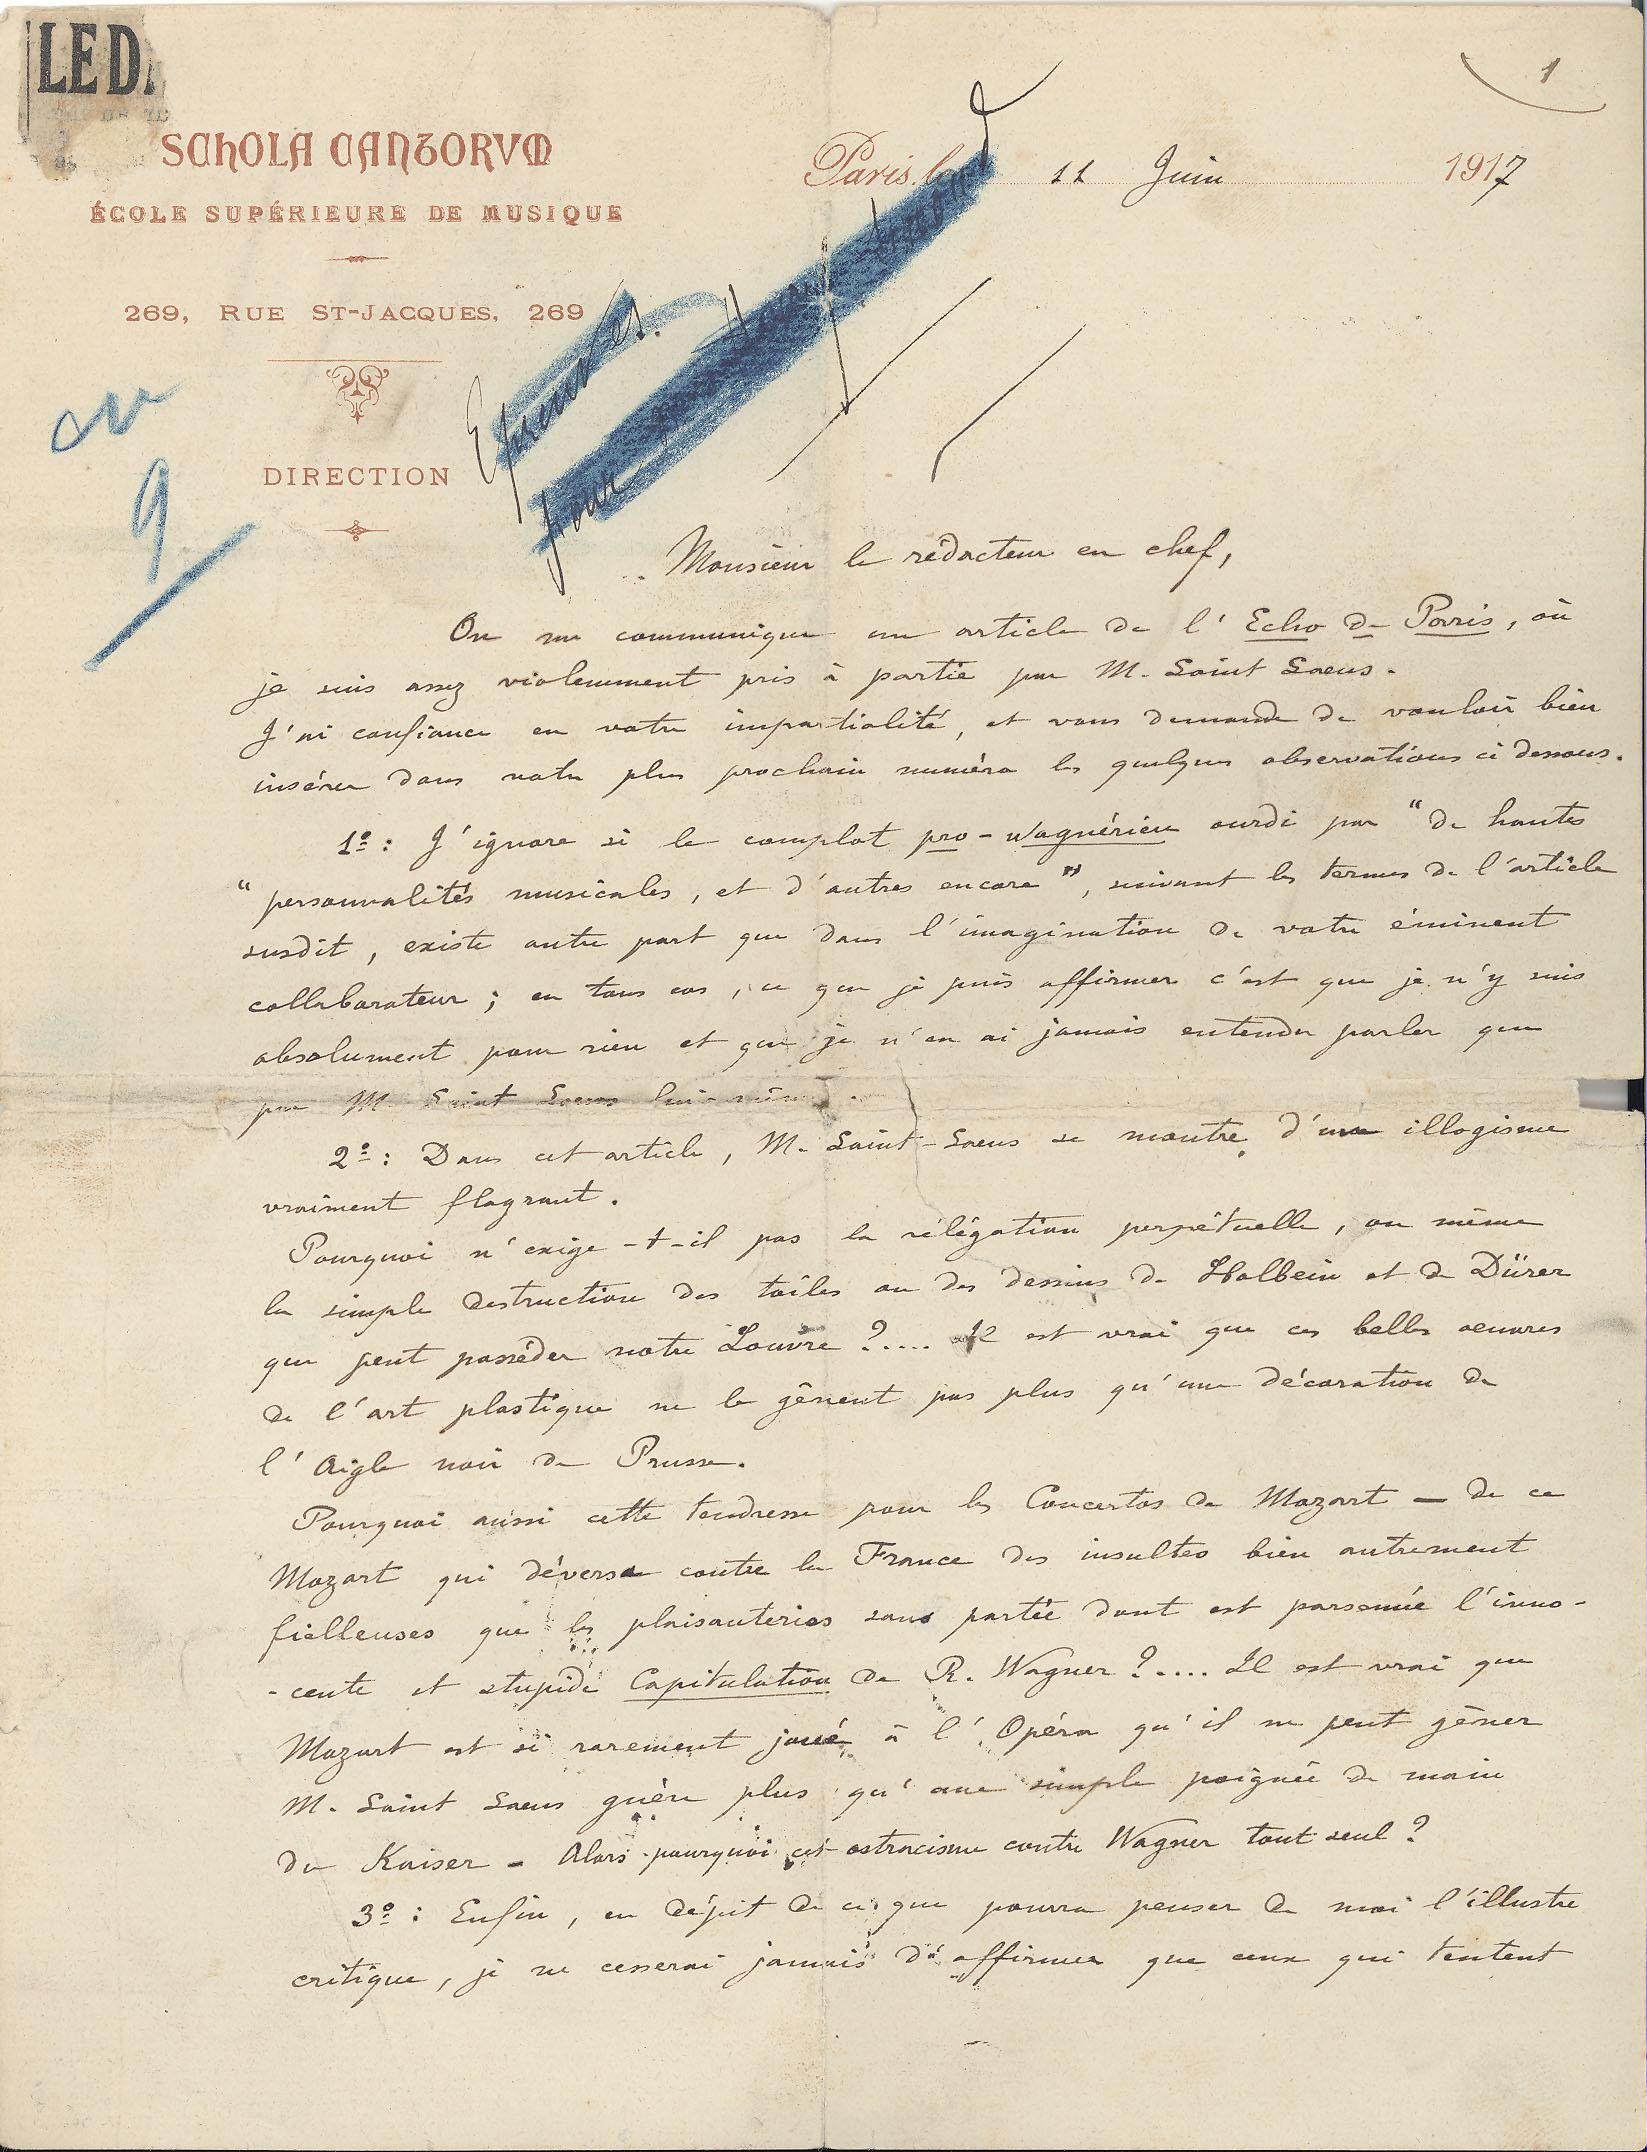 Vincent D'Indy, 1917. MS Thr 519, 2009TW-190